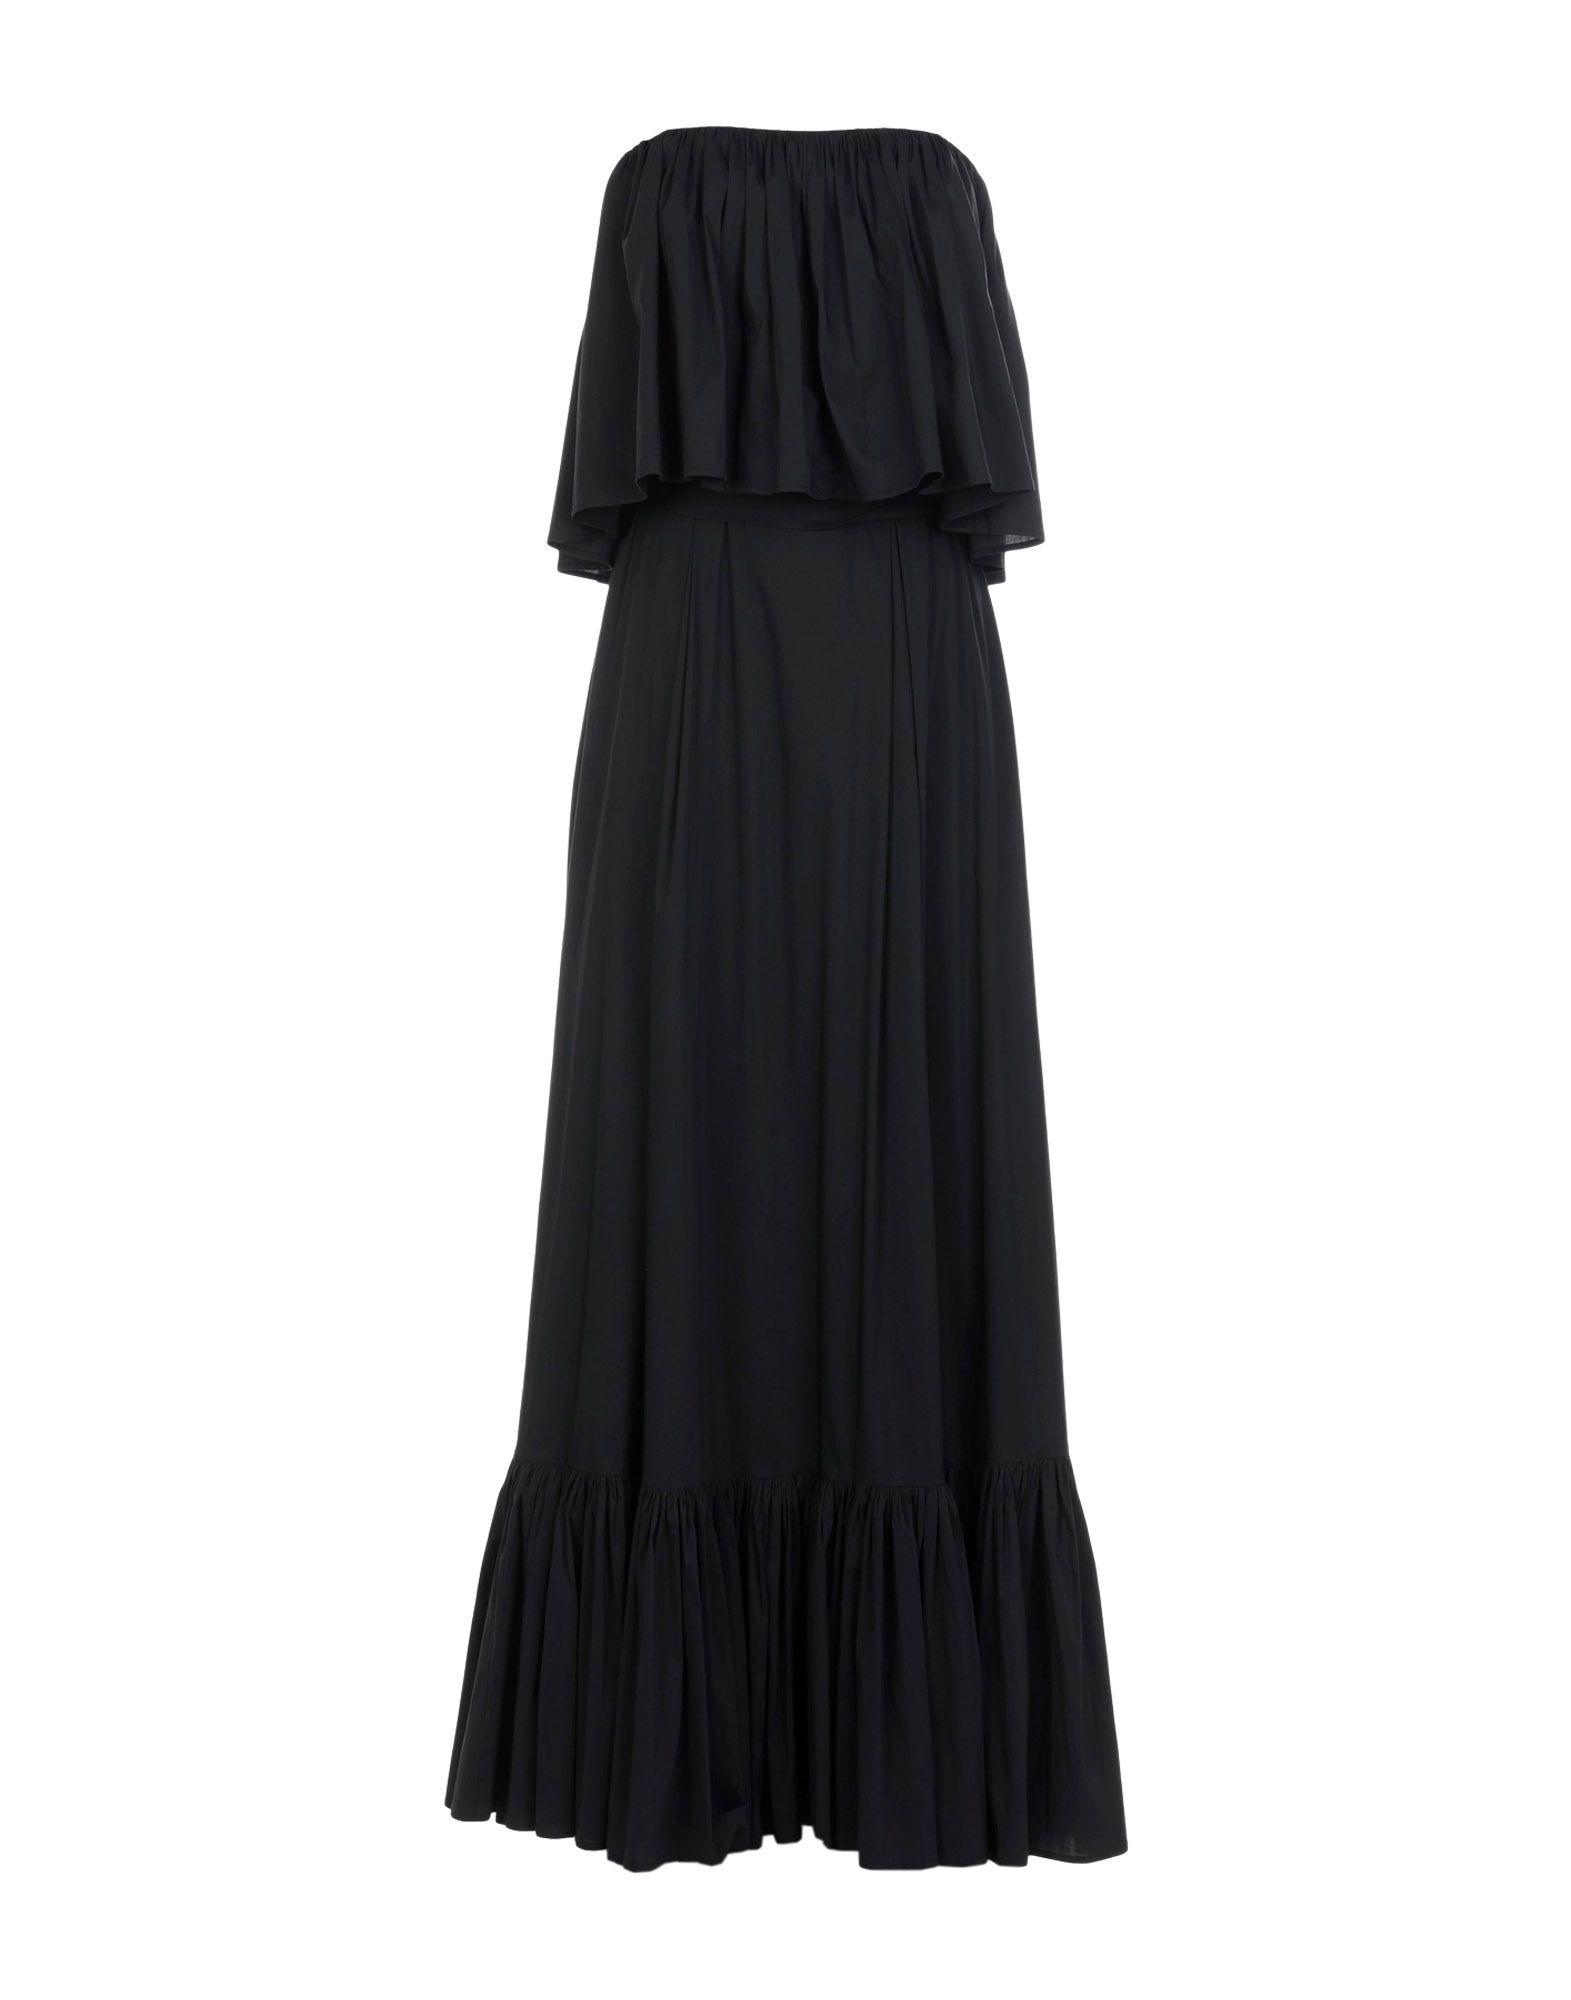 《送料無料》RALUCA MIHALCEANU レディース 7分丈ワンピース・ドレス ブラック S コットン 100%